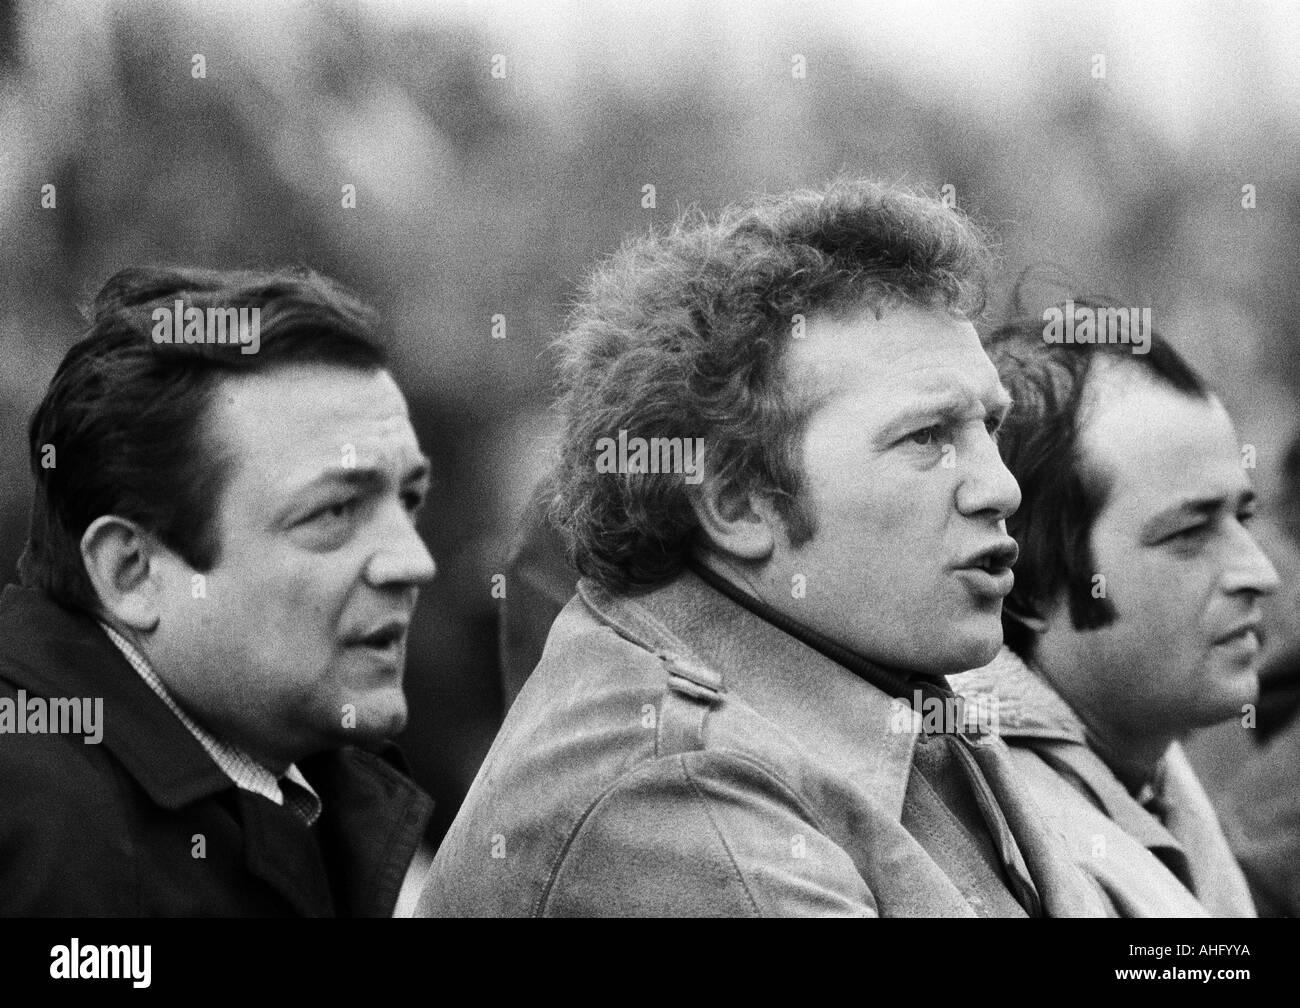 football, Regionalliga West, 1973/1974, Lohrheide Stadium in Bochum-Wattenscheid, SG Wattenscheid 09 versus Sportfreunde Stock Photo